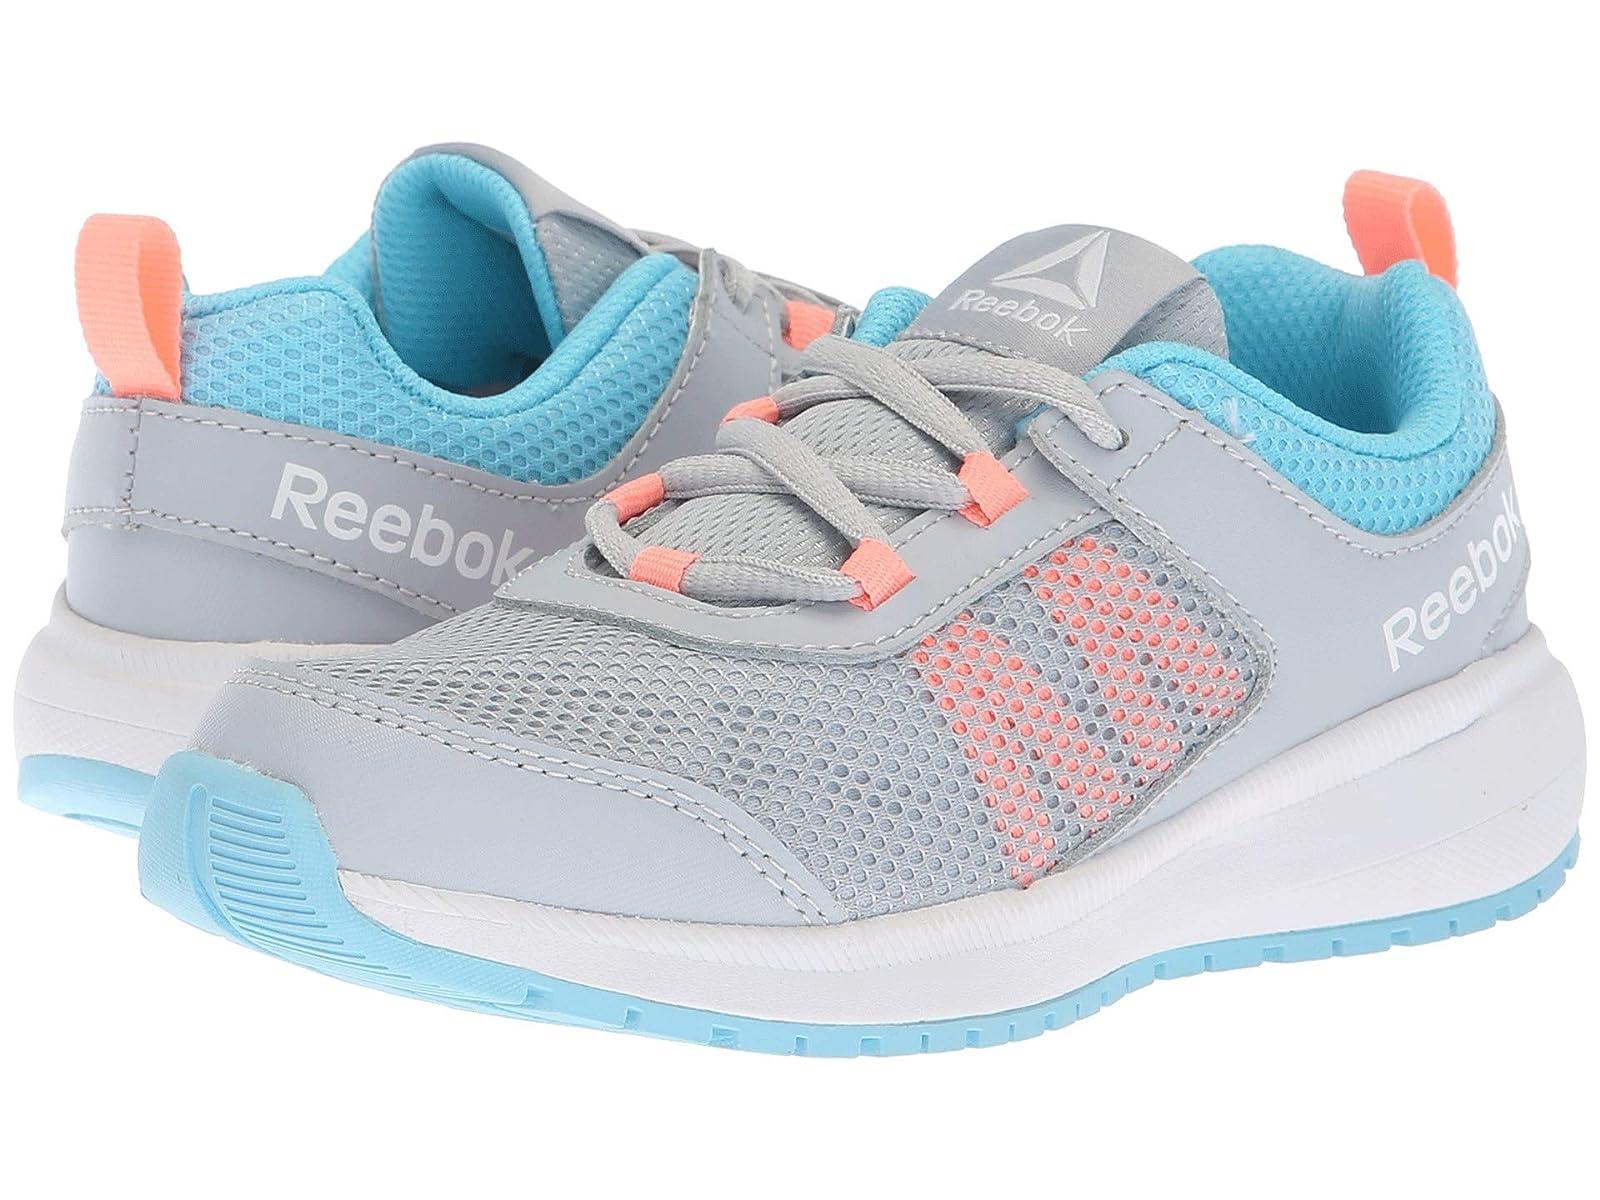 Reebok Kids Road Supreme (Little Kid/Big Kid)Atmospheric grades have affordable shoes